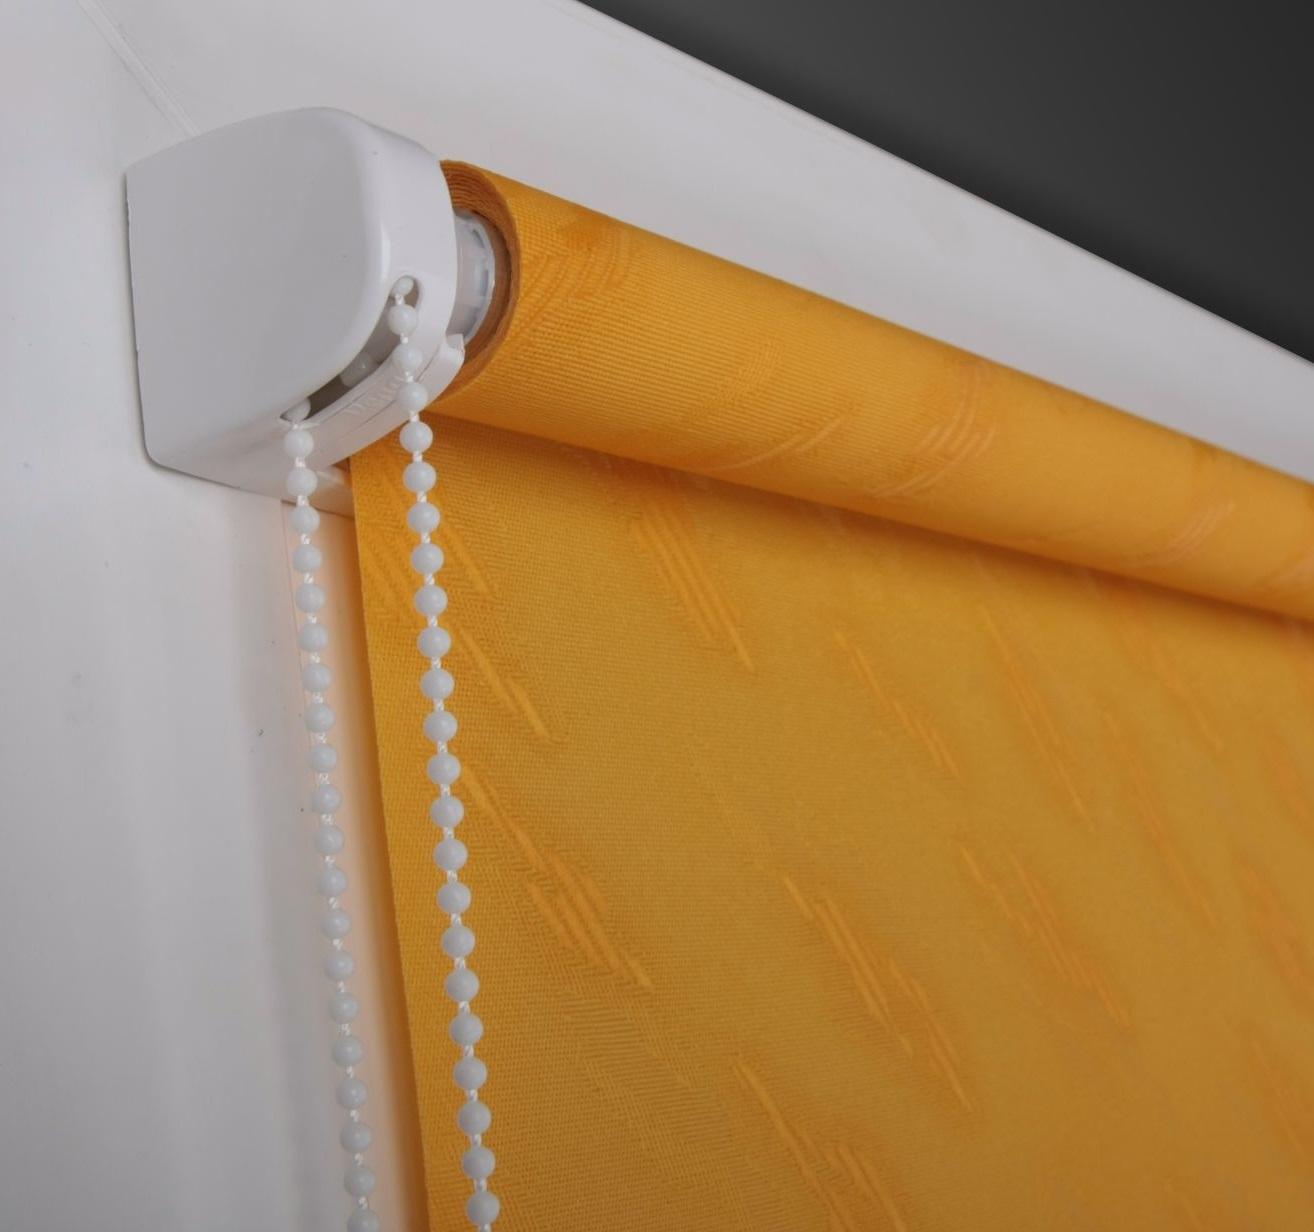 Простой ручной механизм рулонной шторы своими руками фото